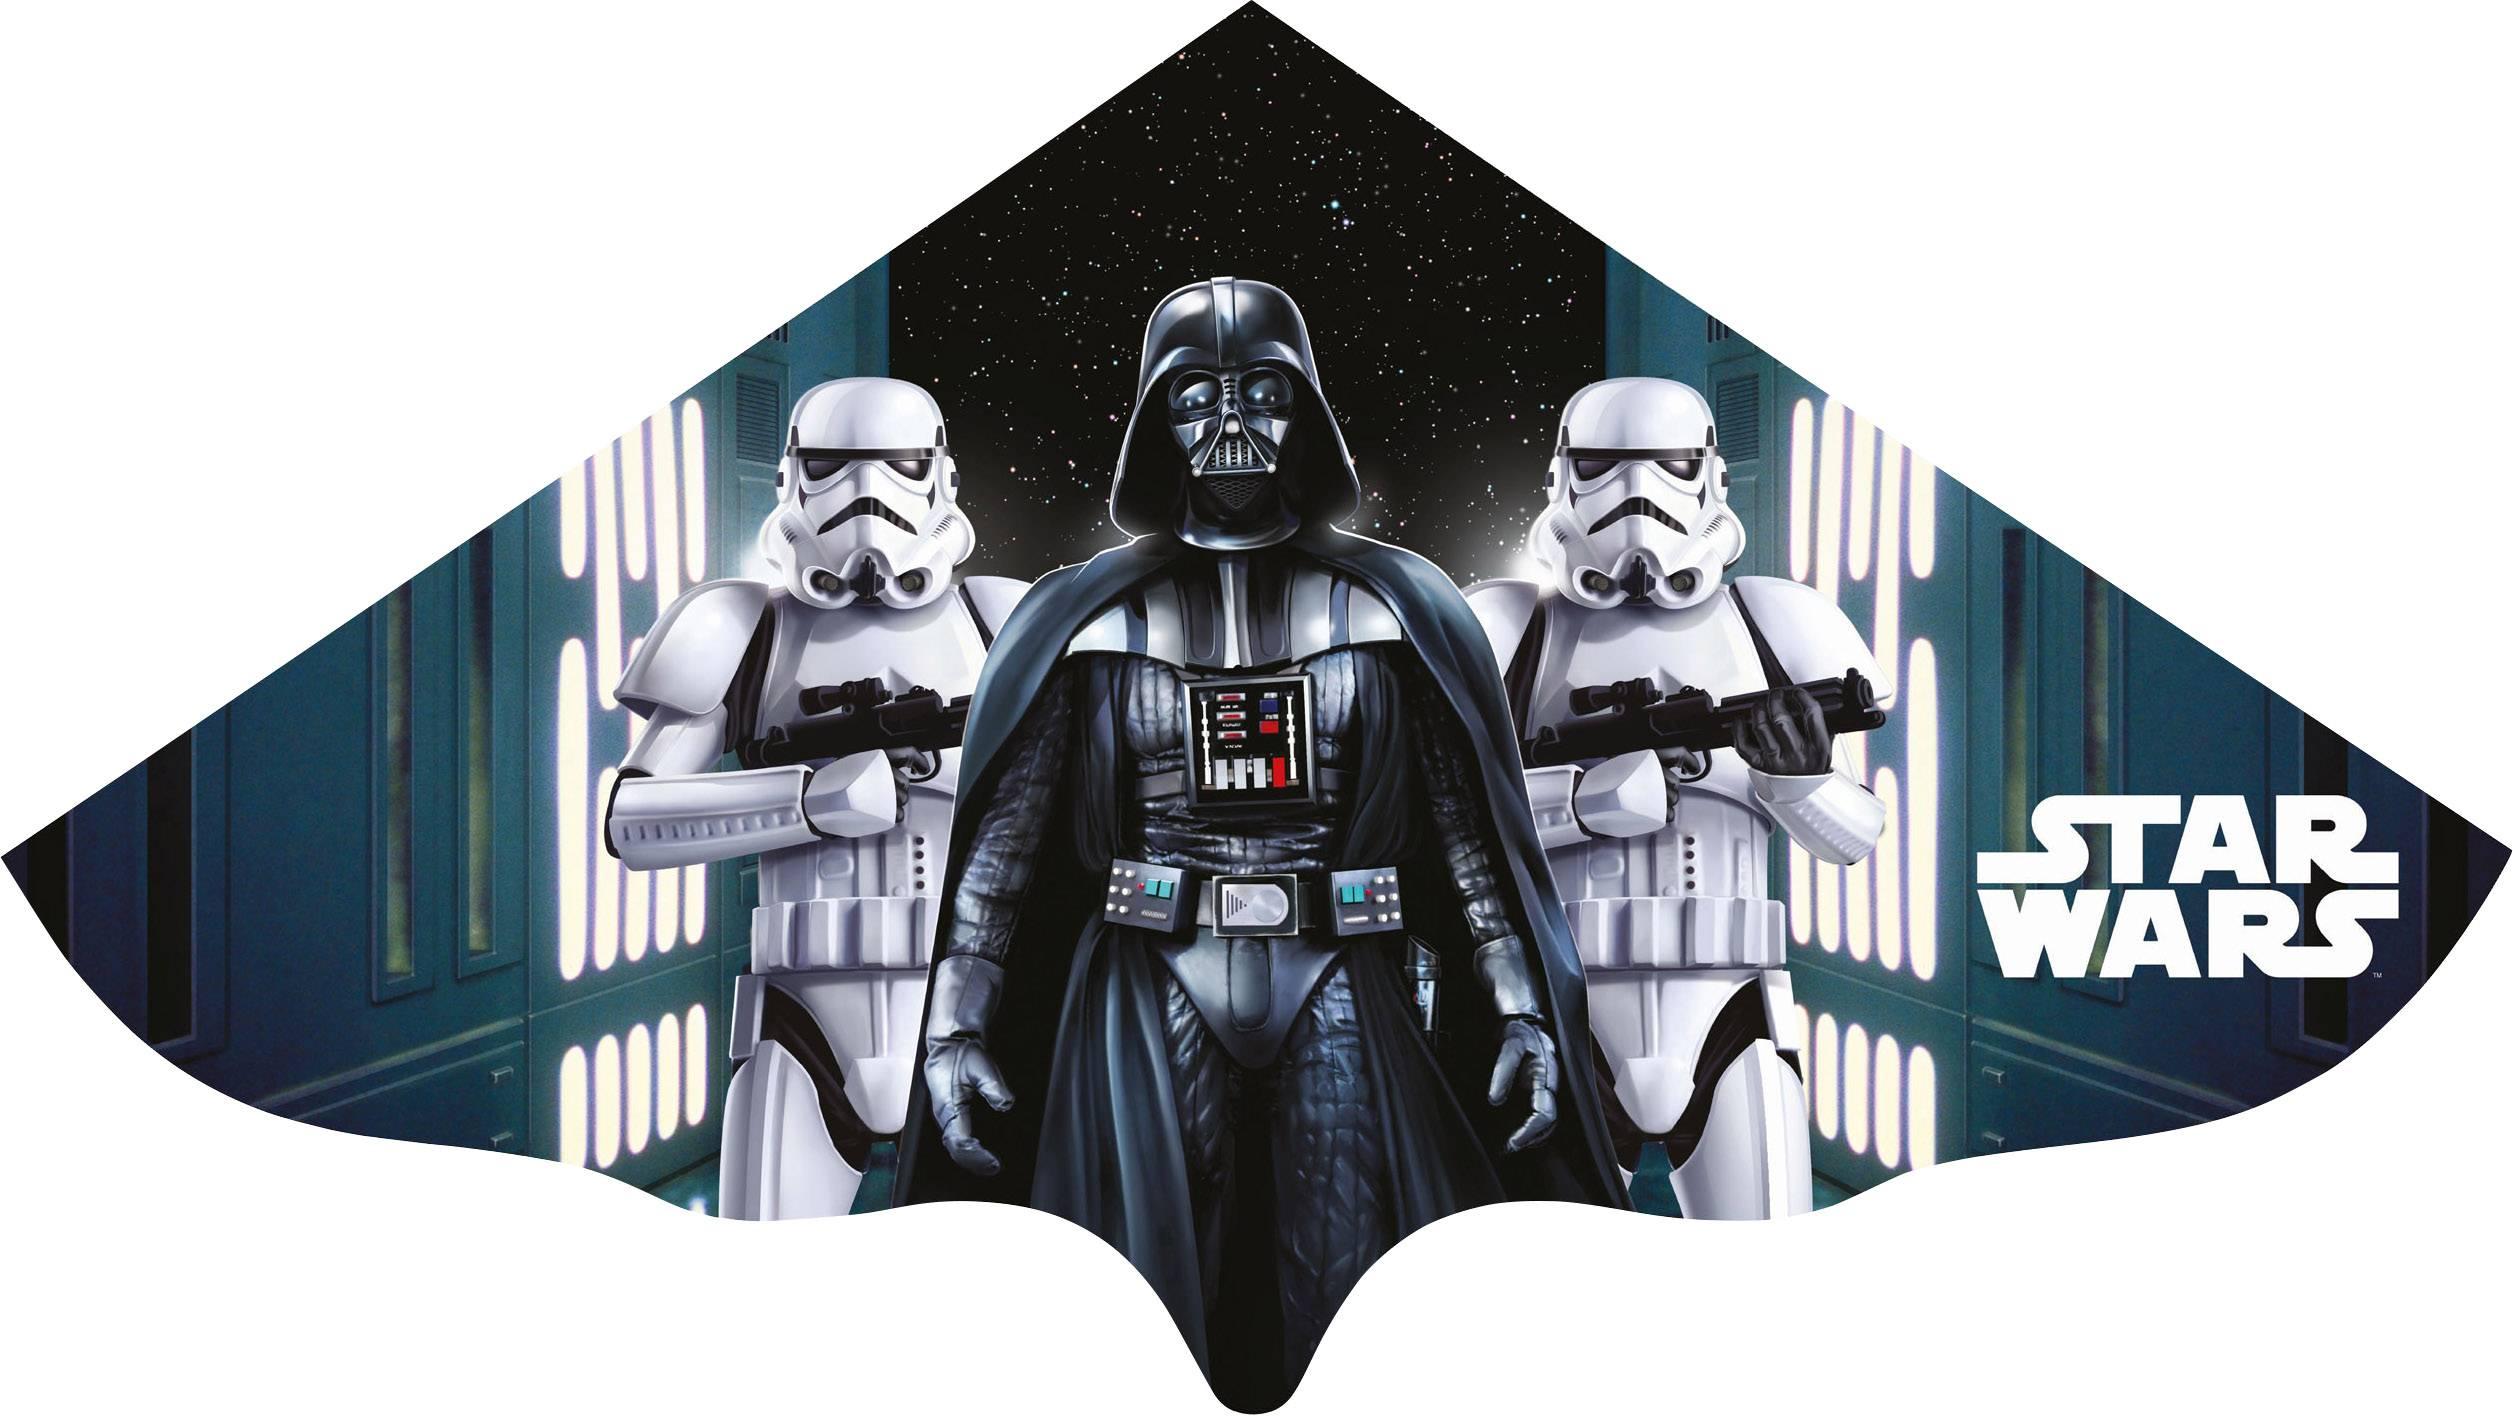 Dětský drak Star Wars Vader, Günther Flugspiele 1225, rozpětí 1150 mm